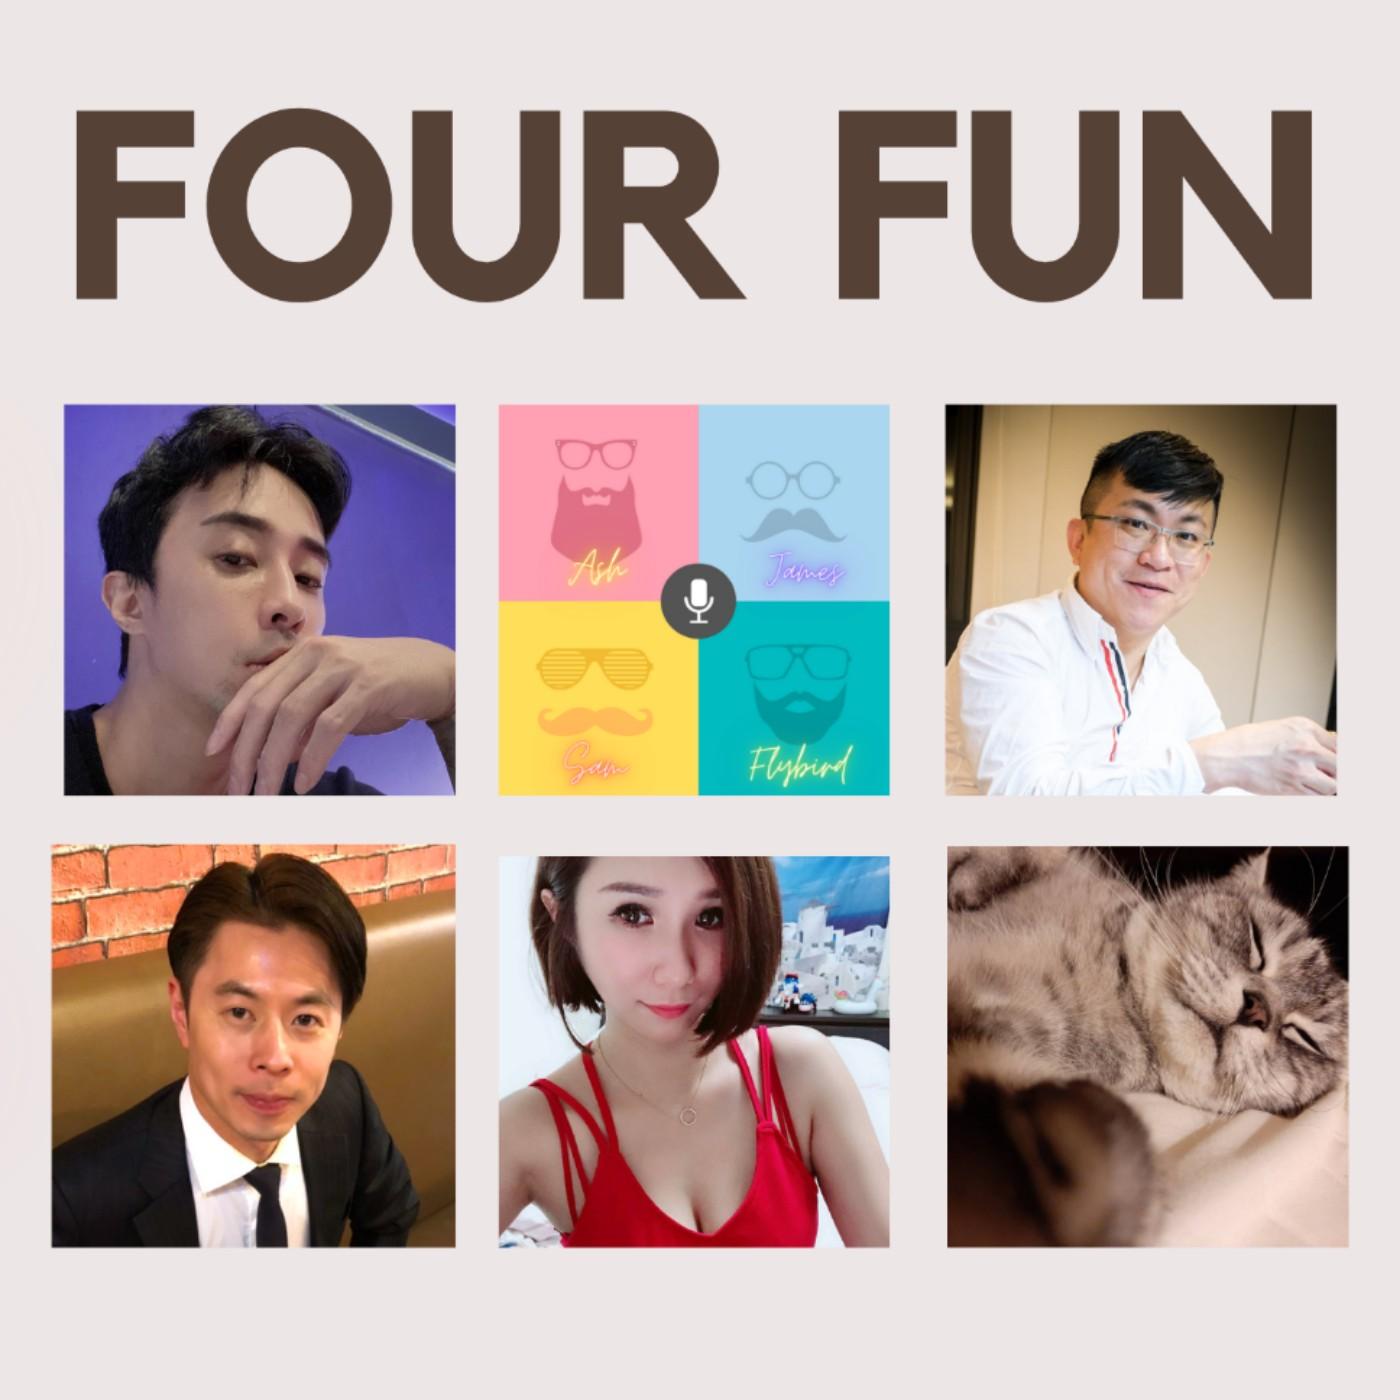 FOUR FUN